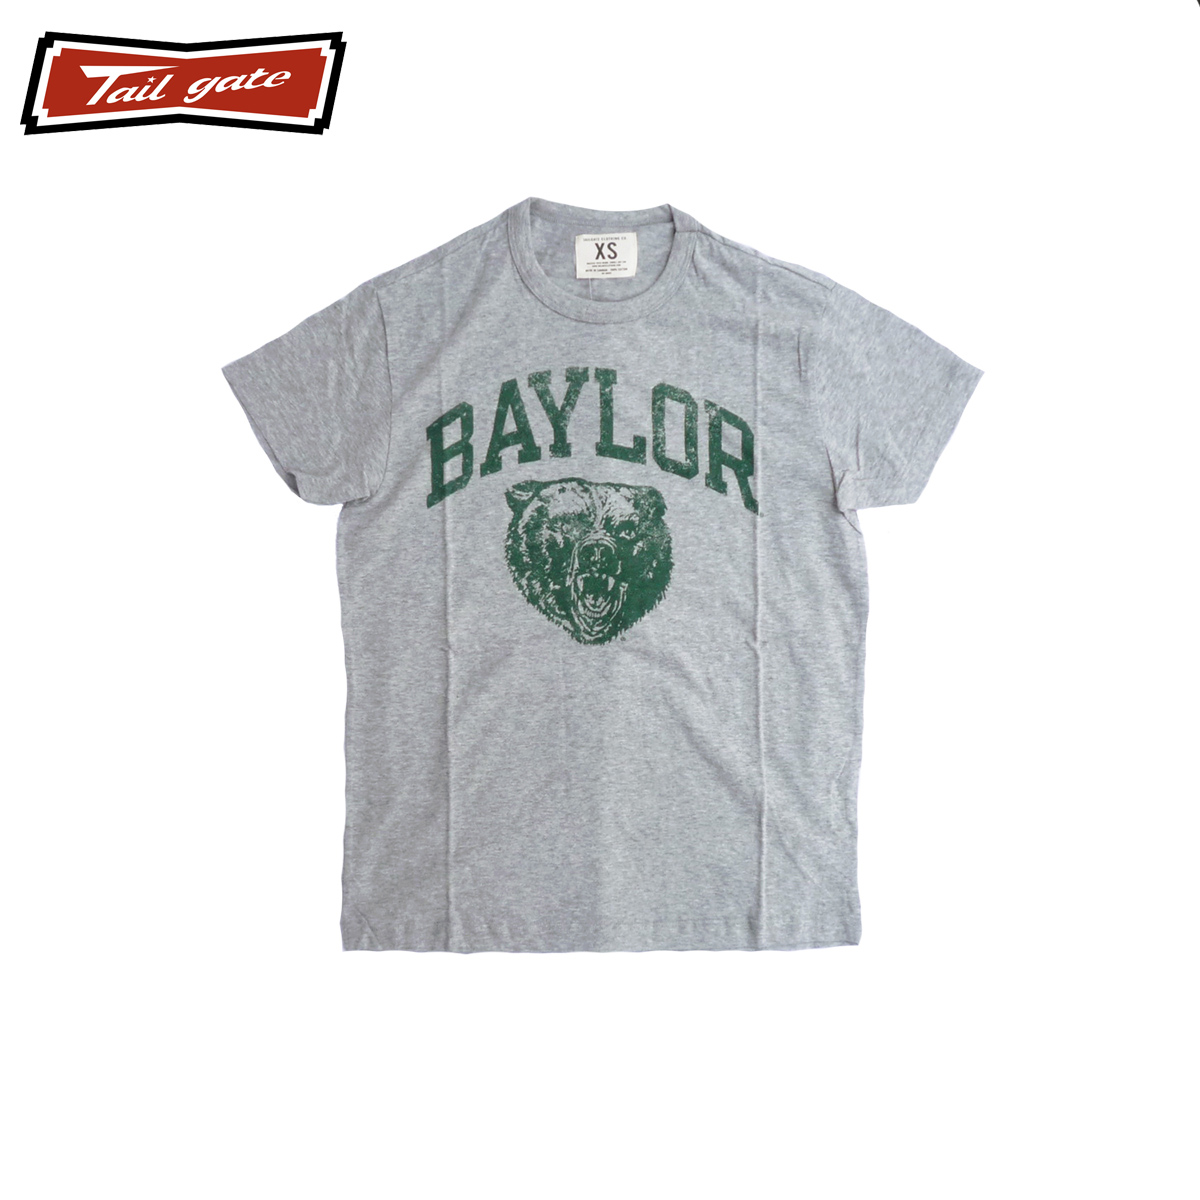 TAILGATE テイルゲート BAYLOR メンズ/レディース ヘザーグレー XS-M[Tシャツ 半袖 半袖Tシャツ カットソー ロゴ カナダ カナダ製 アメカジ アメカジブランド アメカジファッション ブランド]